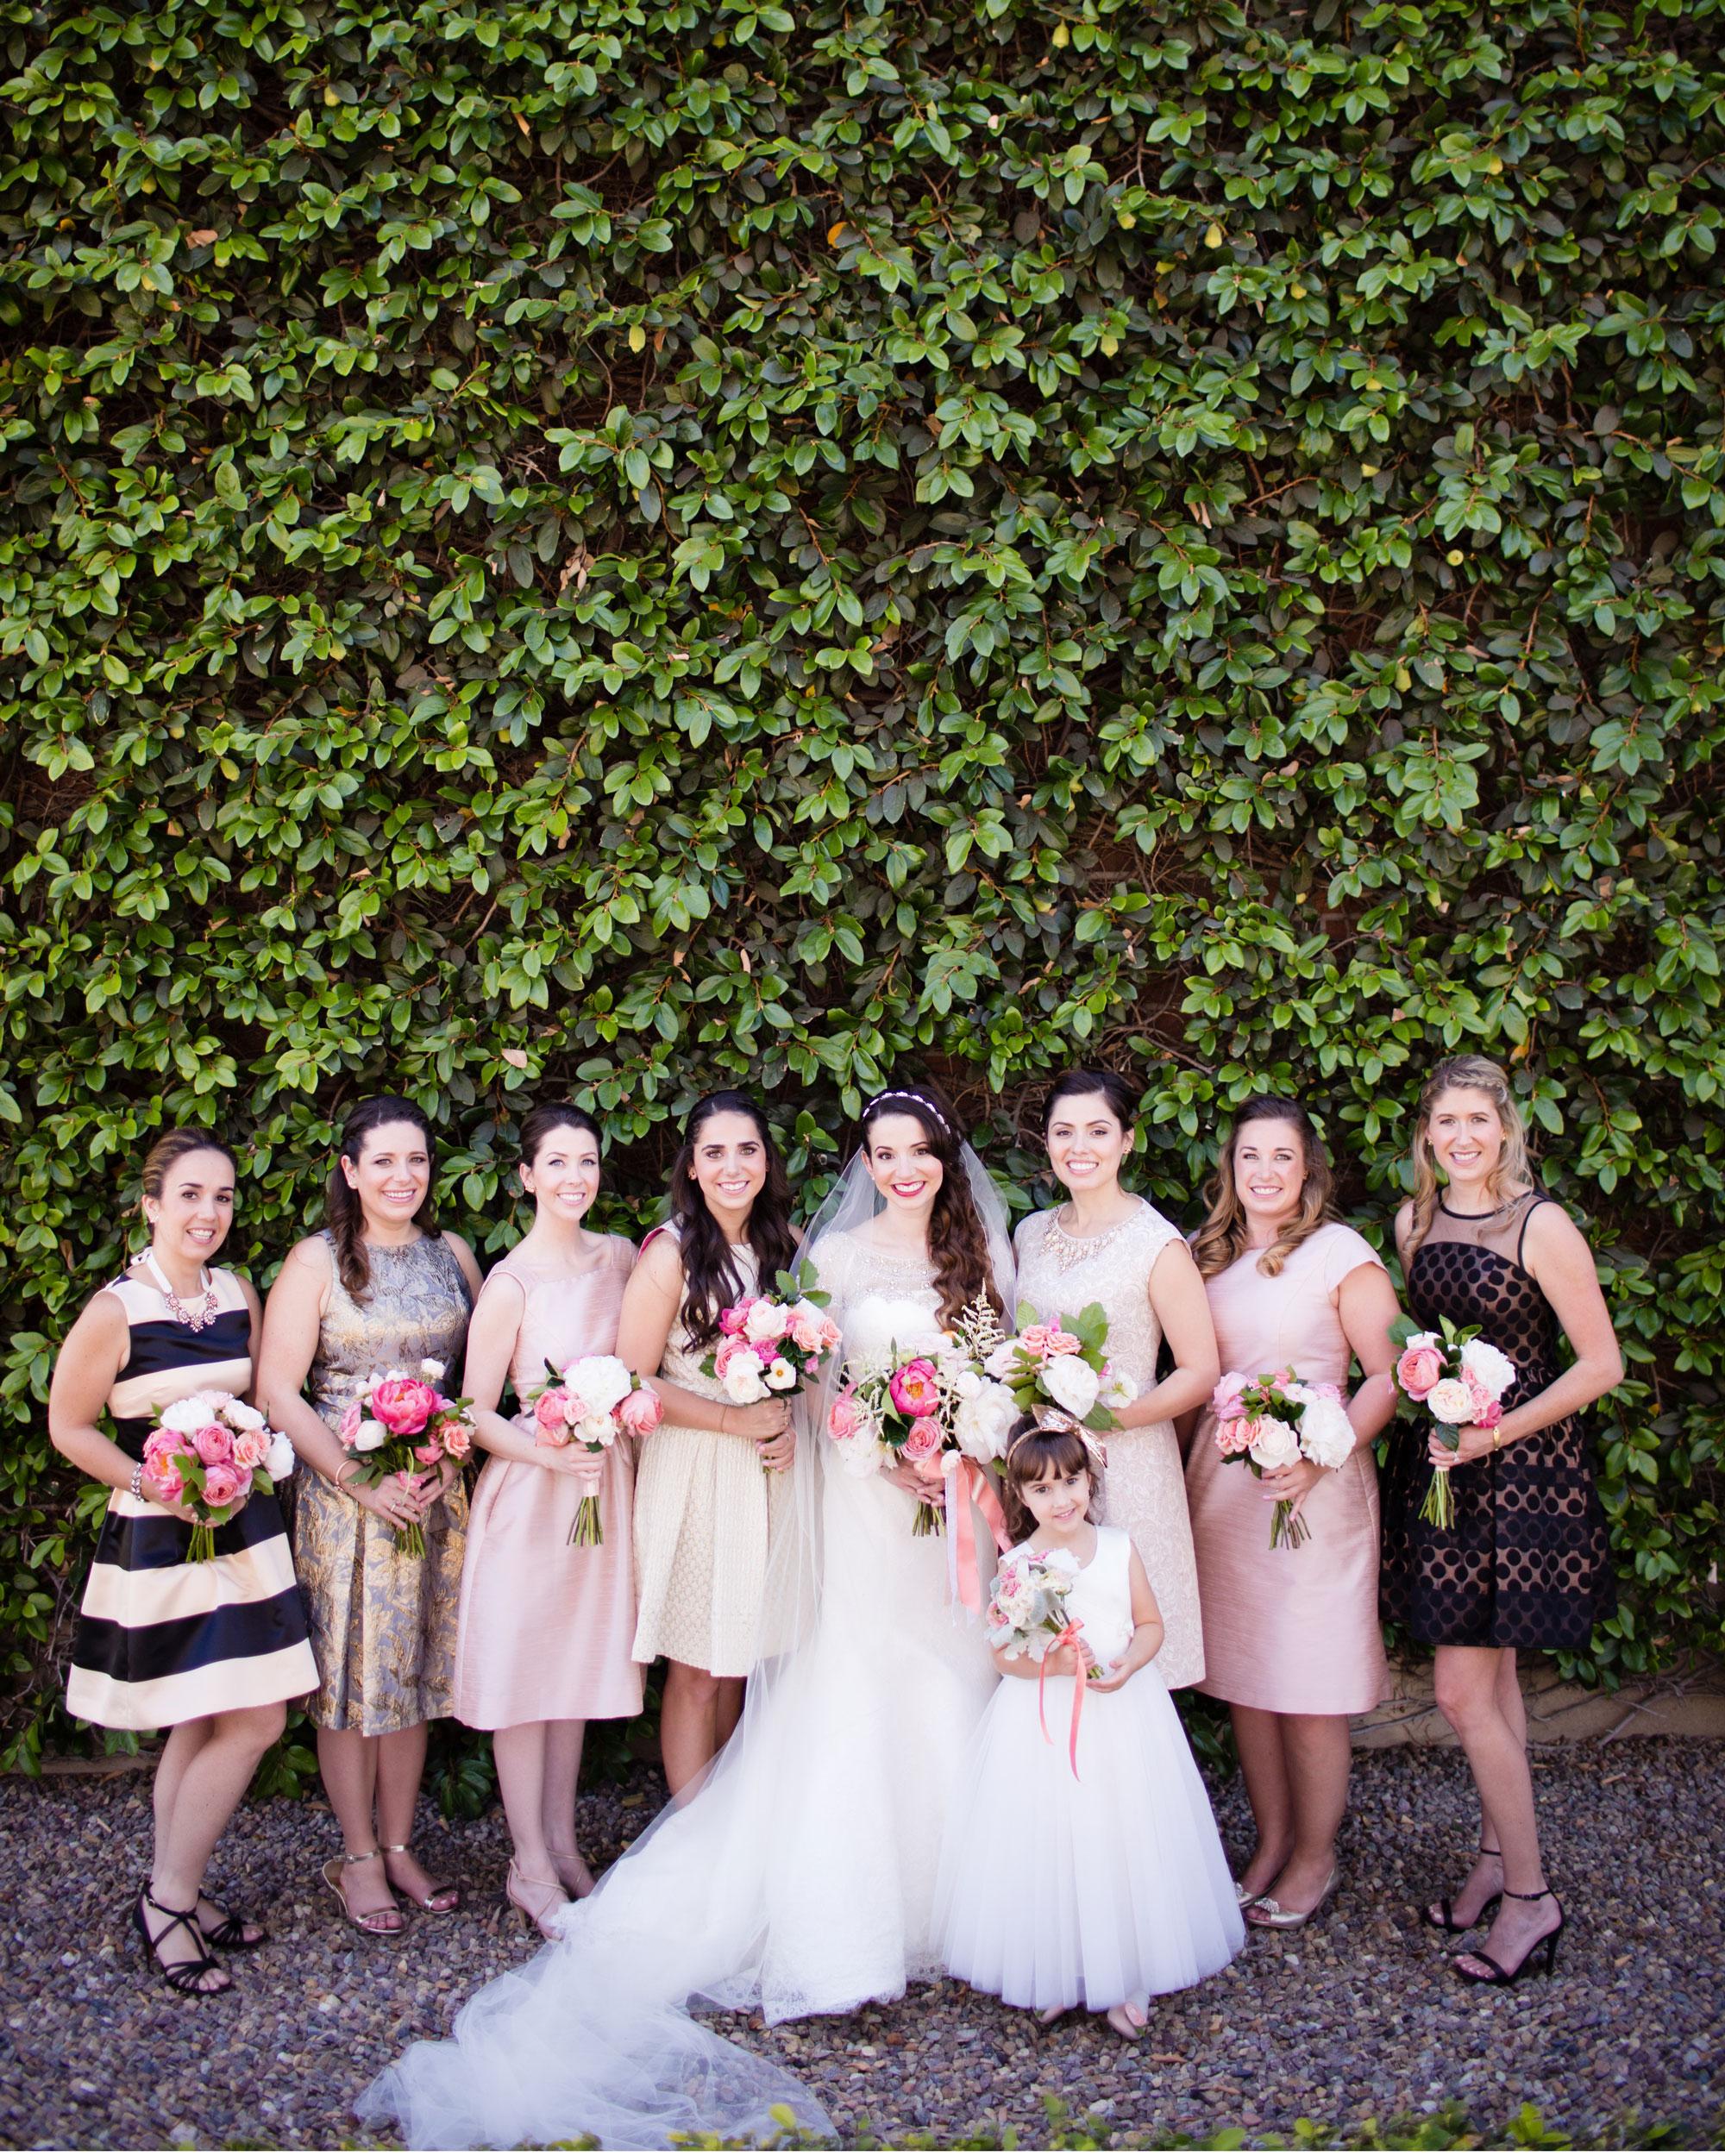 richelle-tom-wedding-bridesmaids-346-s112855-0416.jpg